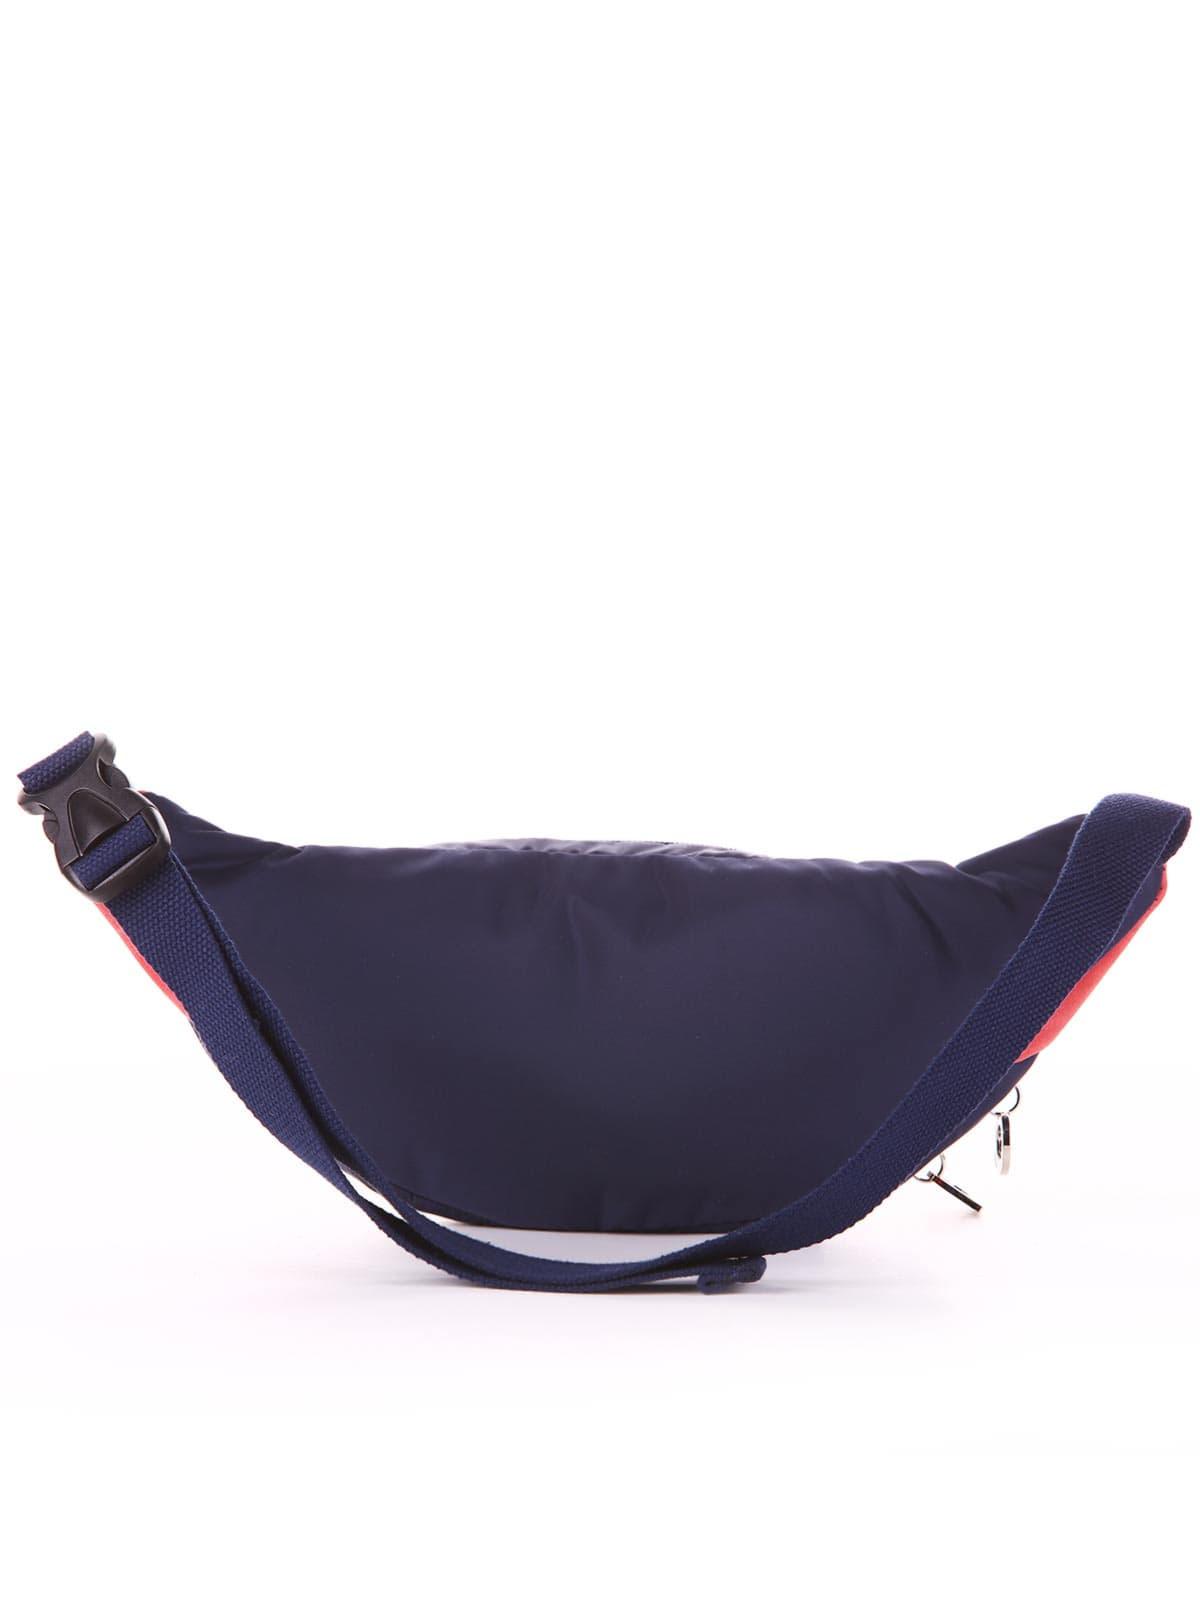 Молодежная сумка на пояс, модель 183881 сине-красный. Фото товара, вид дополнительный.